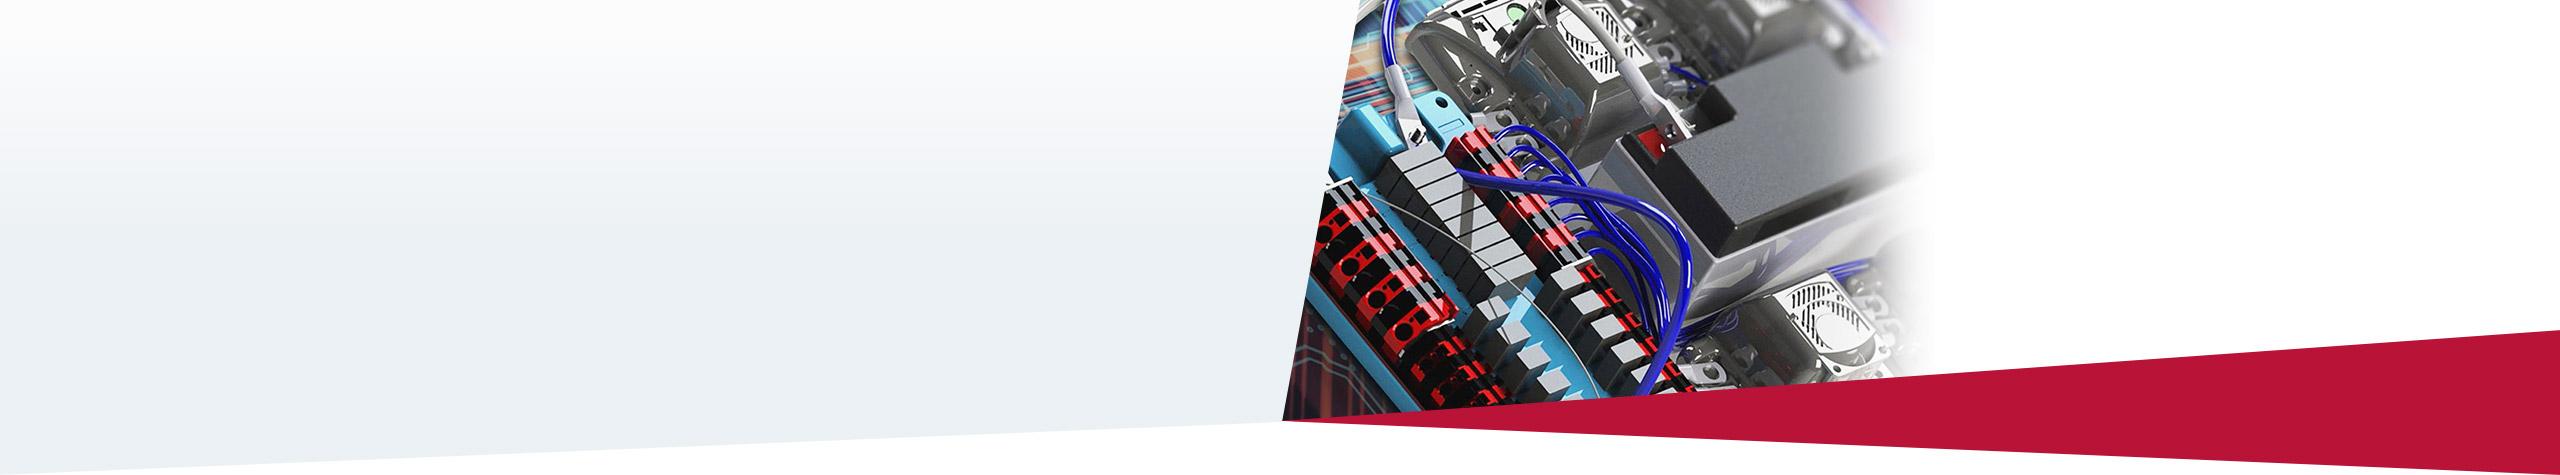 SOLIDWORKS PCB Modernste PCB-Design-Technologie.